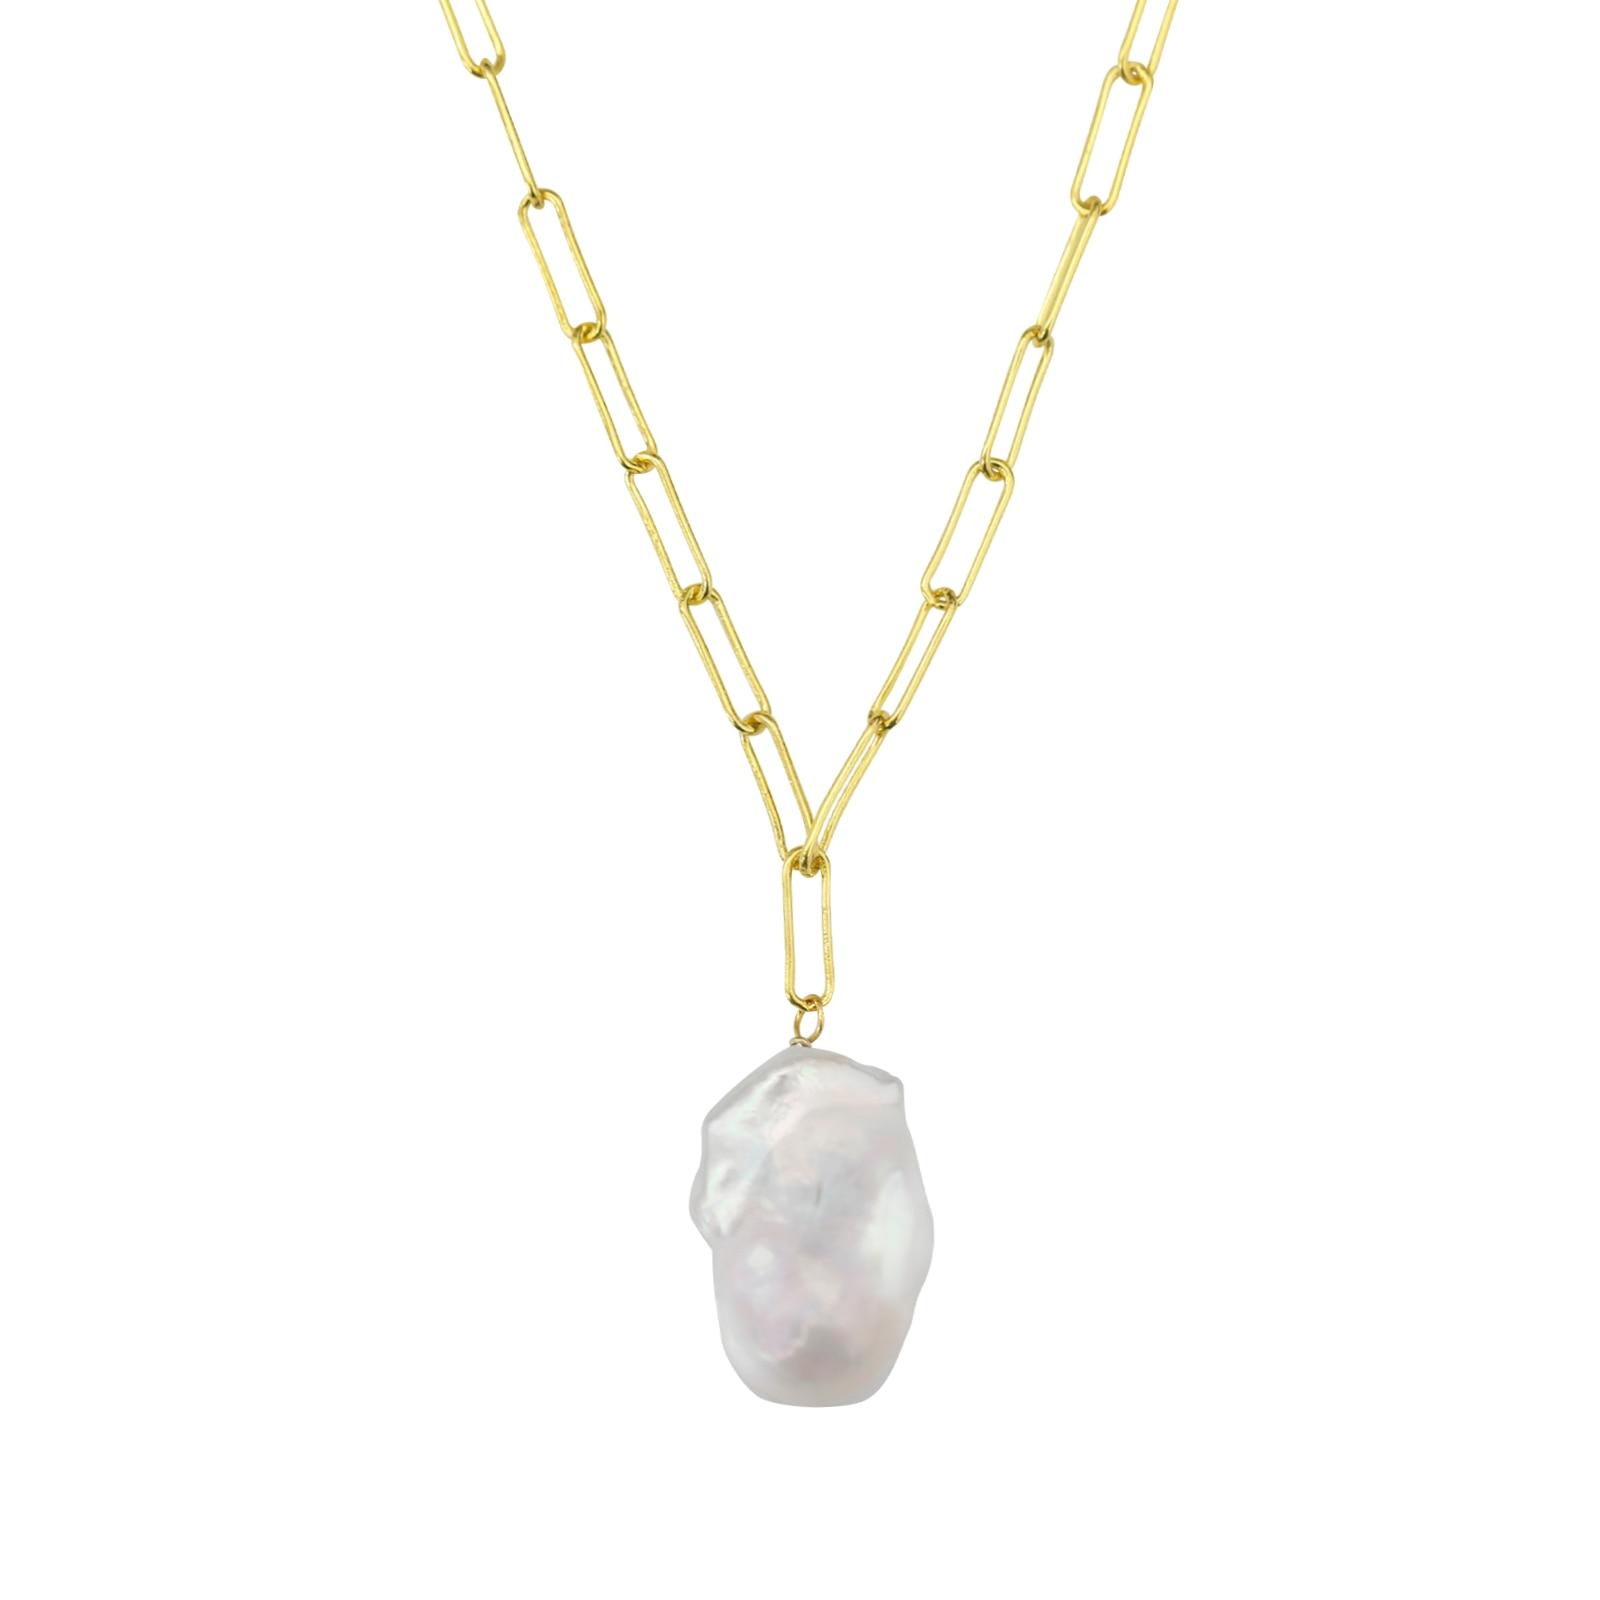 Ожерелье-из-пресноводного-жемчуга-с-цепочкой-из-серебра-925-пробы-Модный-кулон-из-барочного-жемчуга-ручной-работы-ювелирные-изделия-подаро